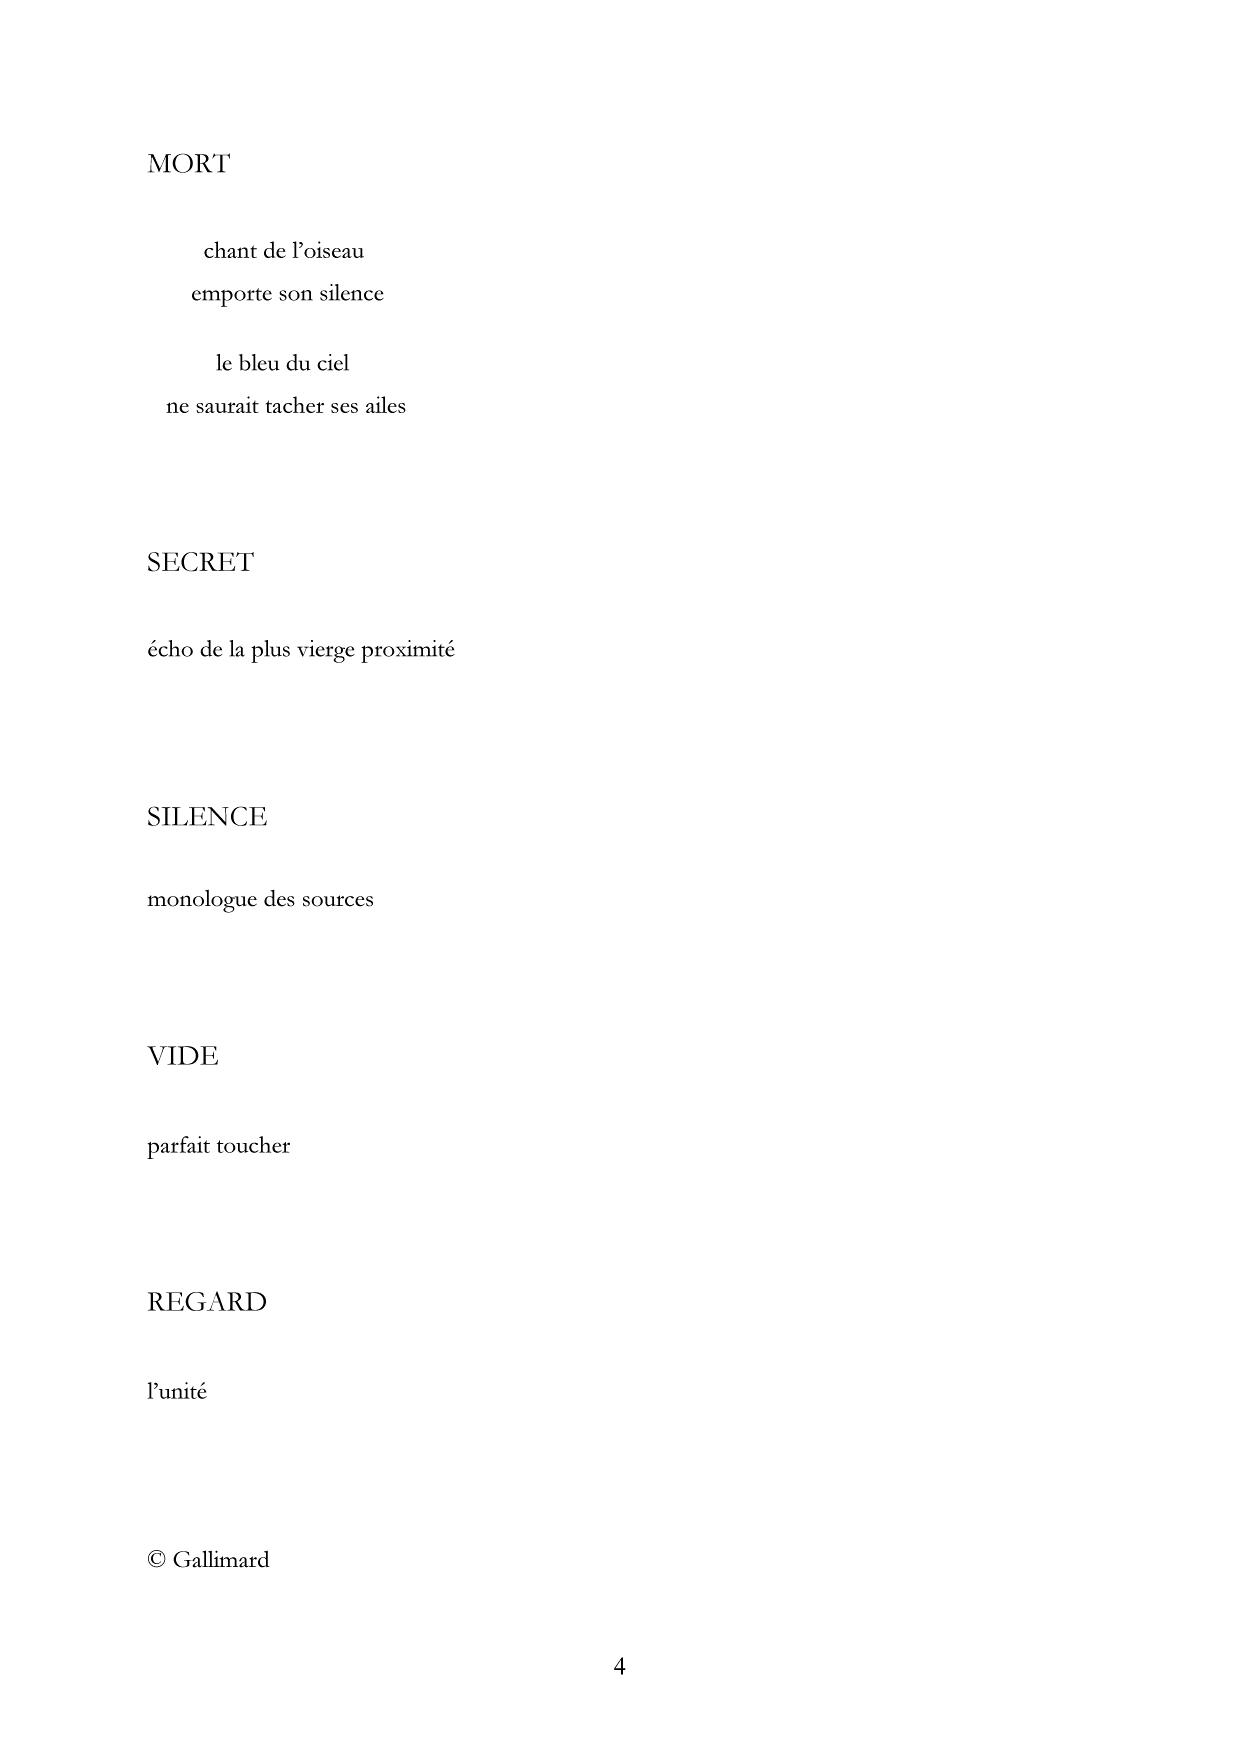 Monologue des sources, Extrait 4 Lachenal & Ritter-Gallimard, 1987